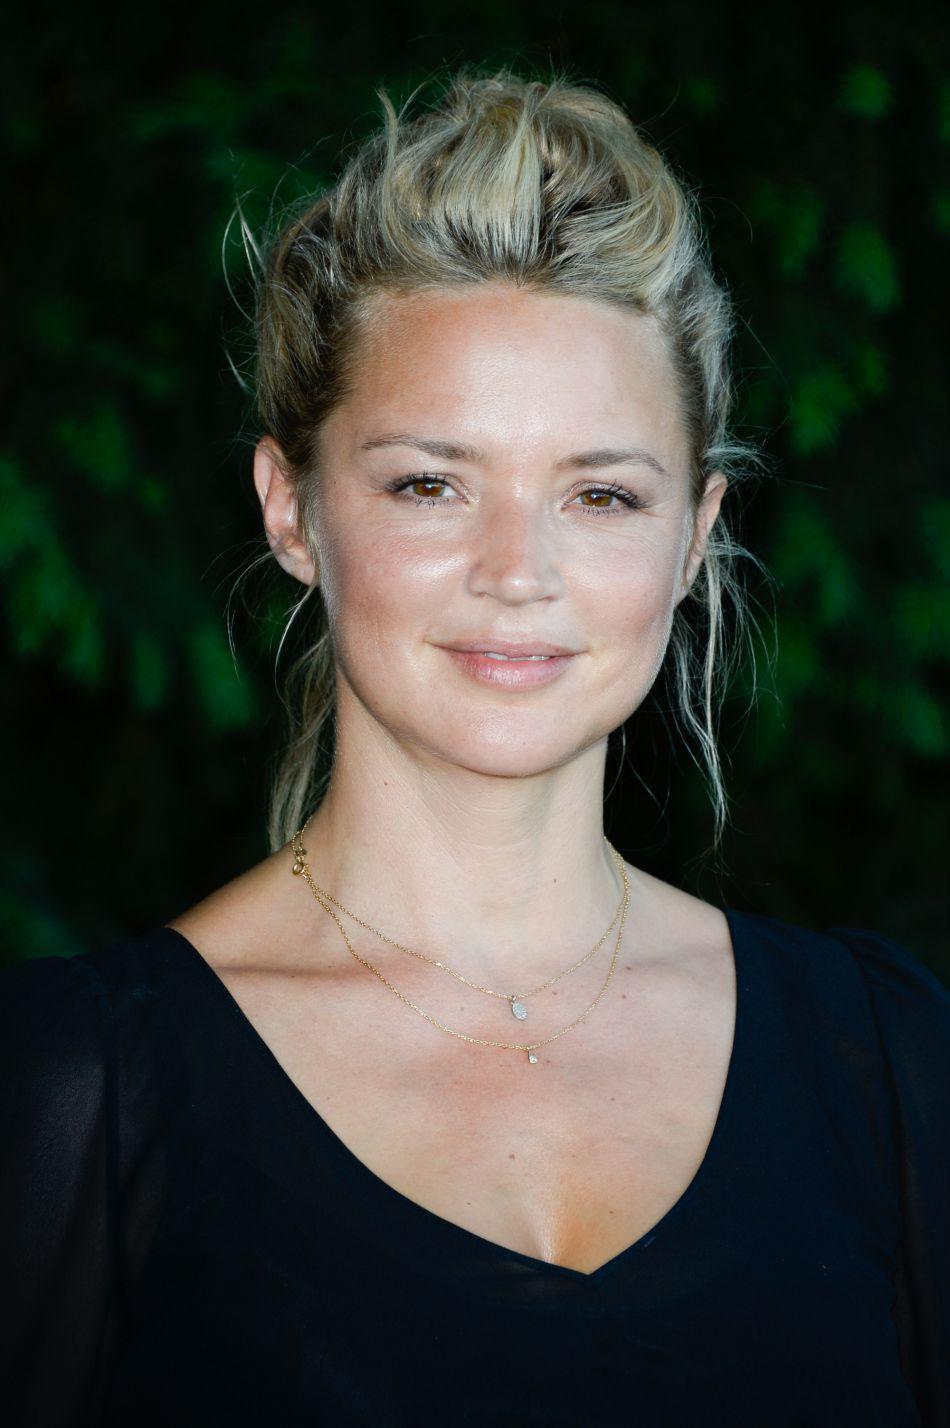 Virginie Efira, présente hier soir lors du red carpet de la 9ème édition du Festival du film francophone d'Angoulême.